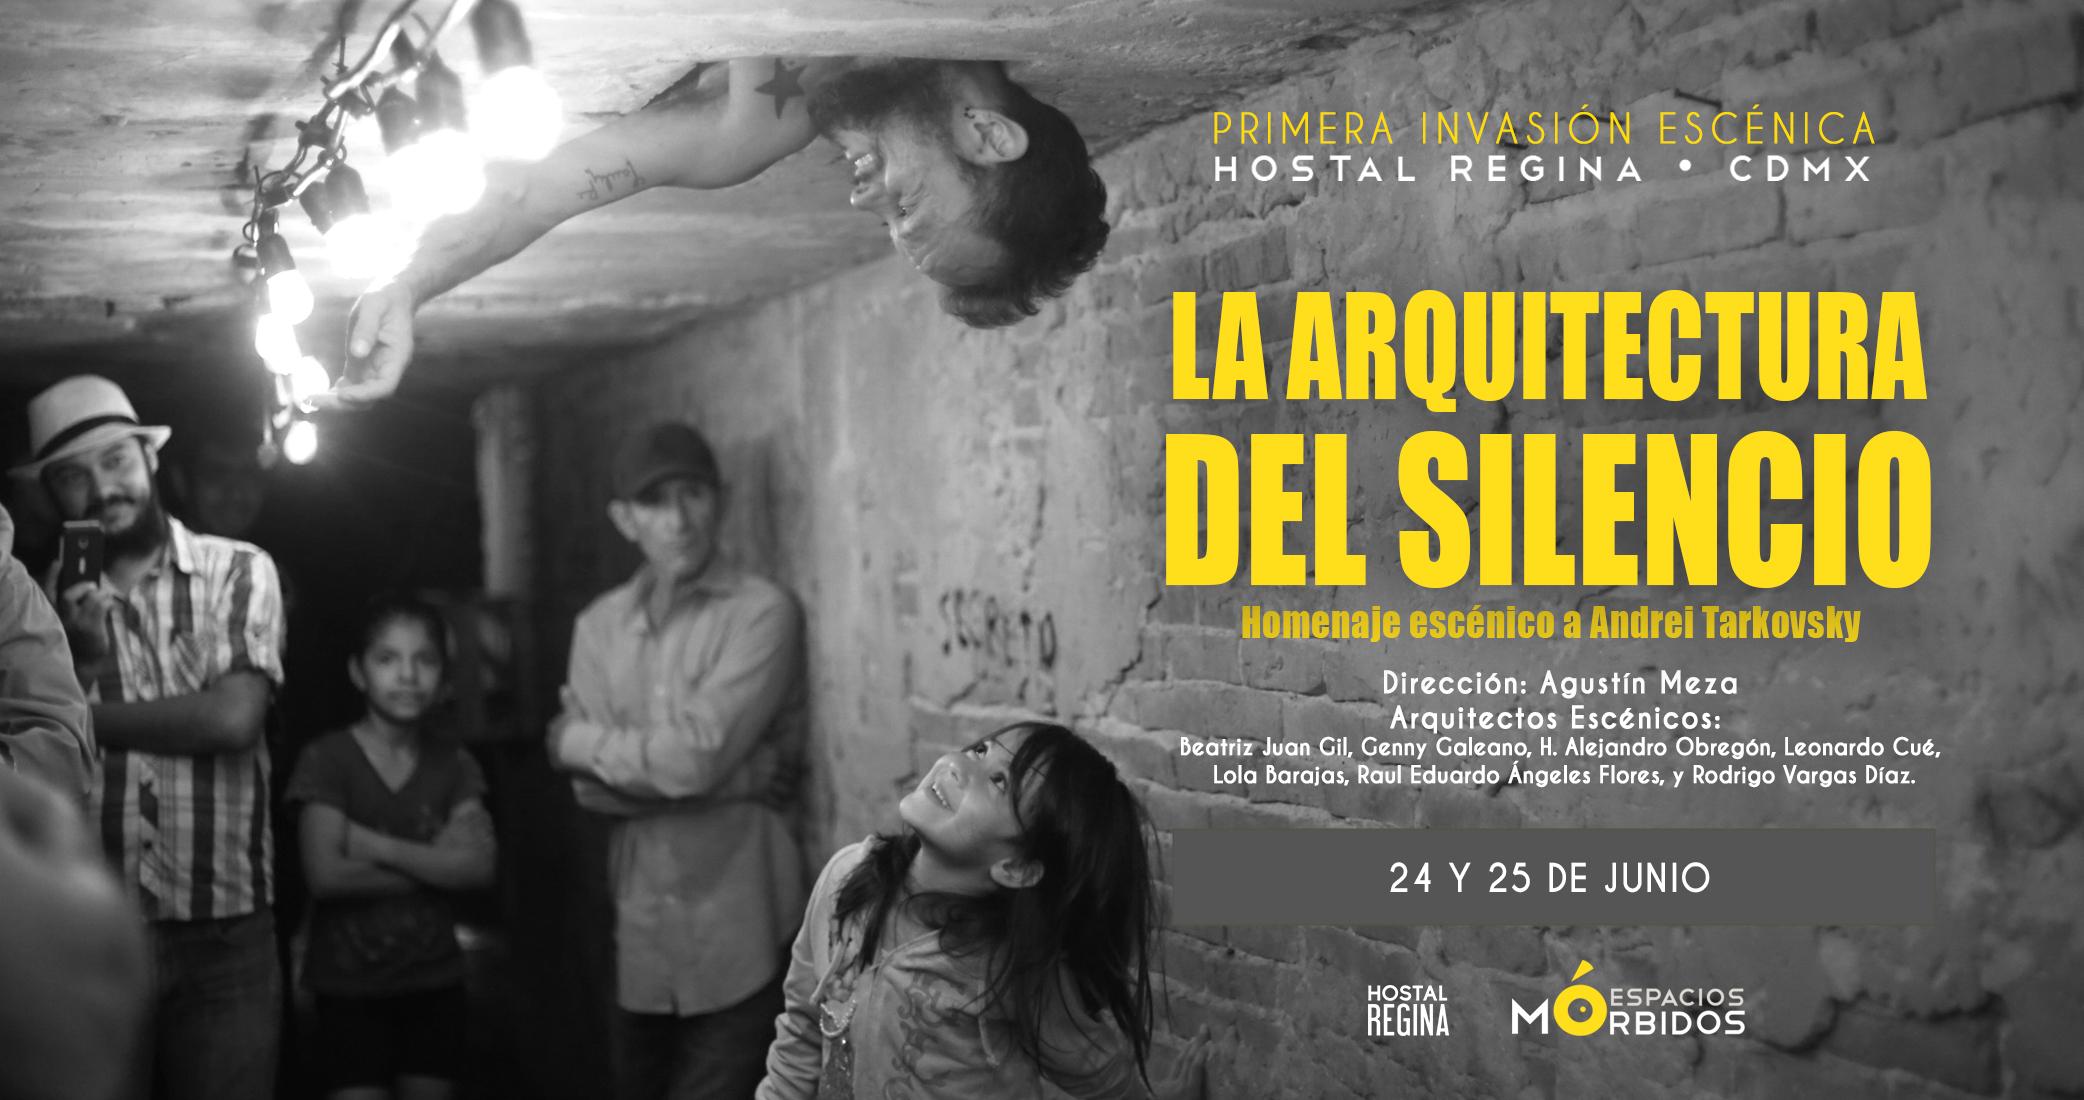 LA-ARQUITECTURA-DEL-SILENCIO